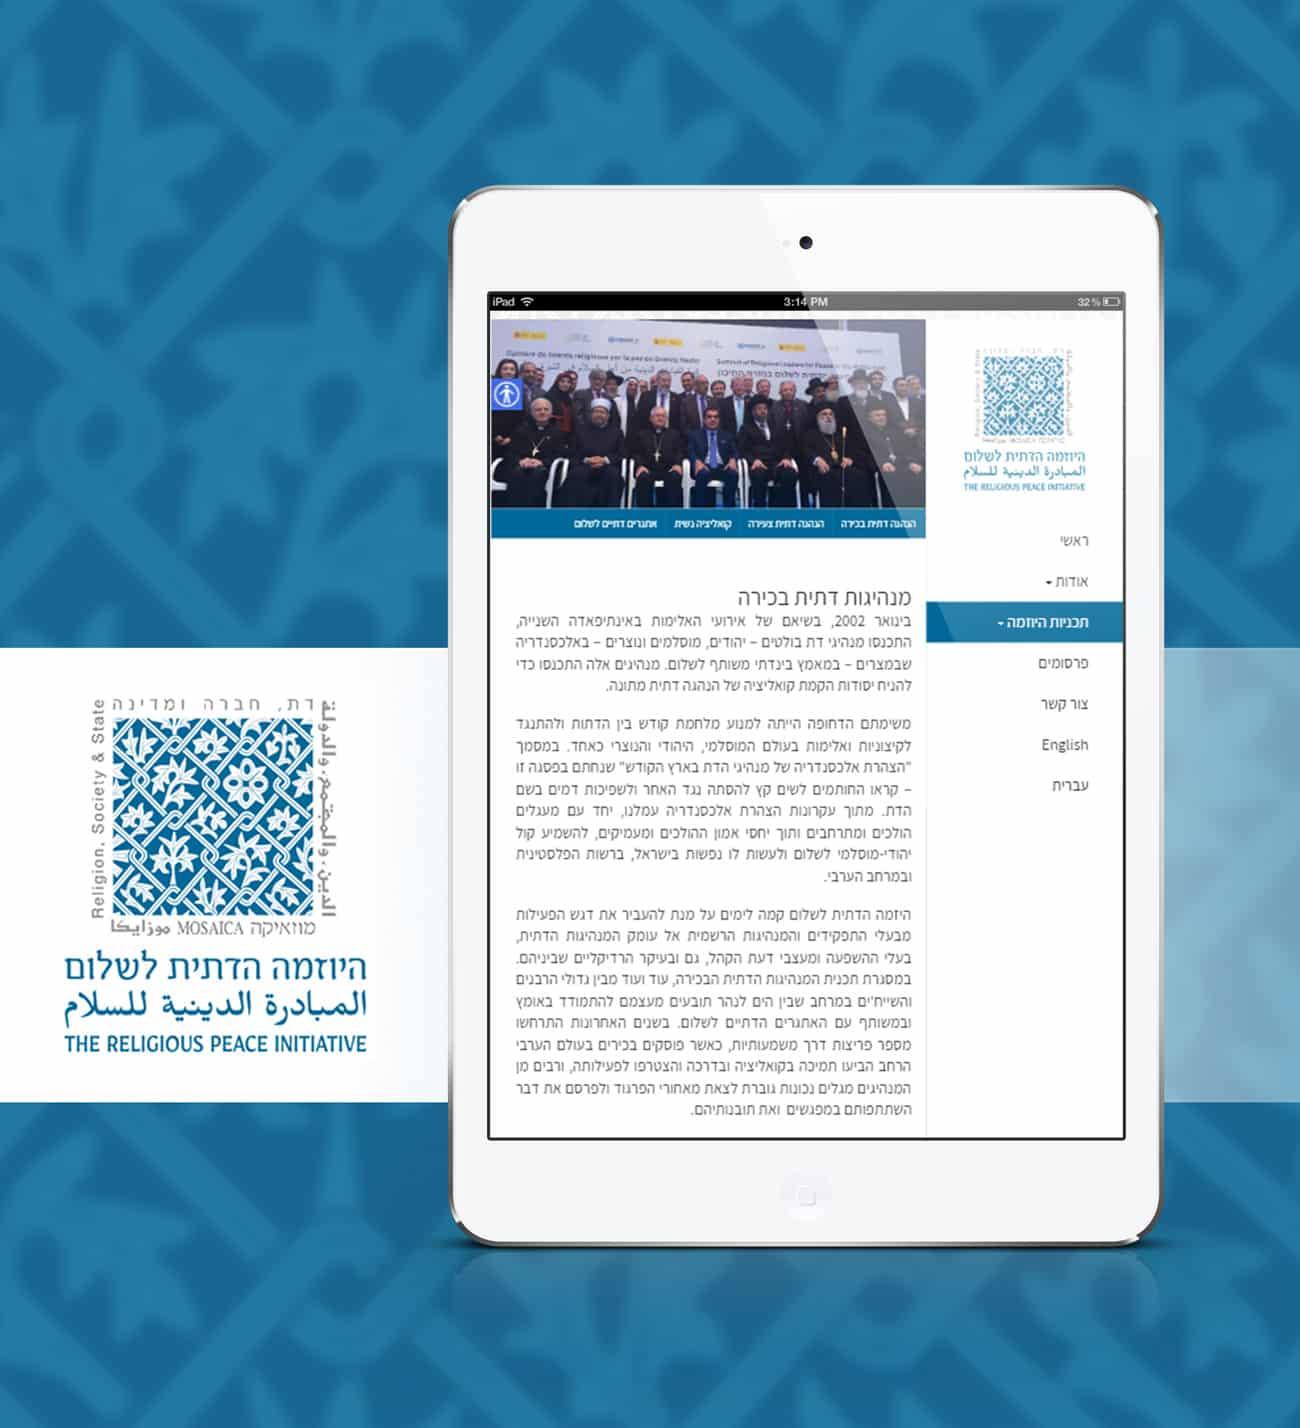 עיצוב ובניית אתר אינטרנט מוזאיקה - היוזמה הדתית לשלום מבית מפעלי הרב מלכיאור